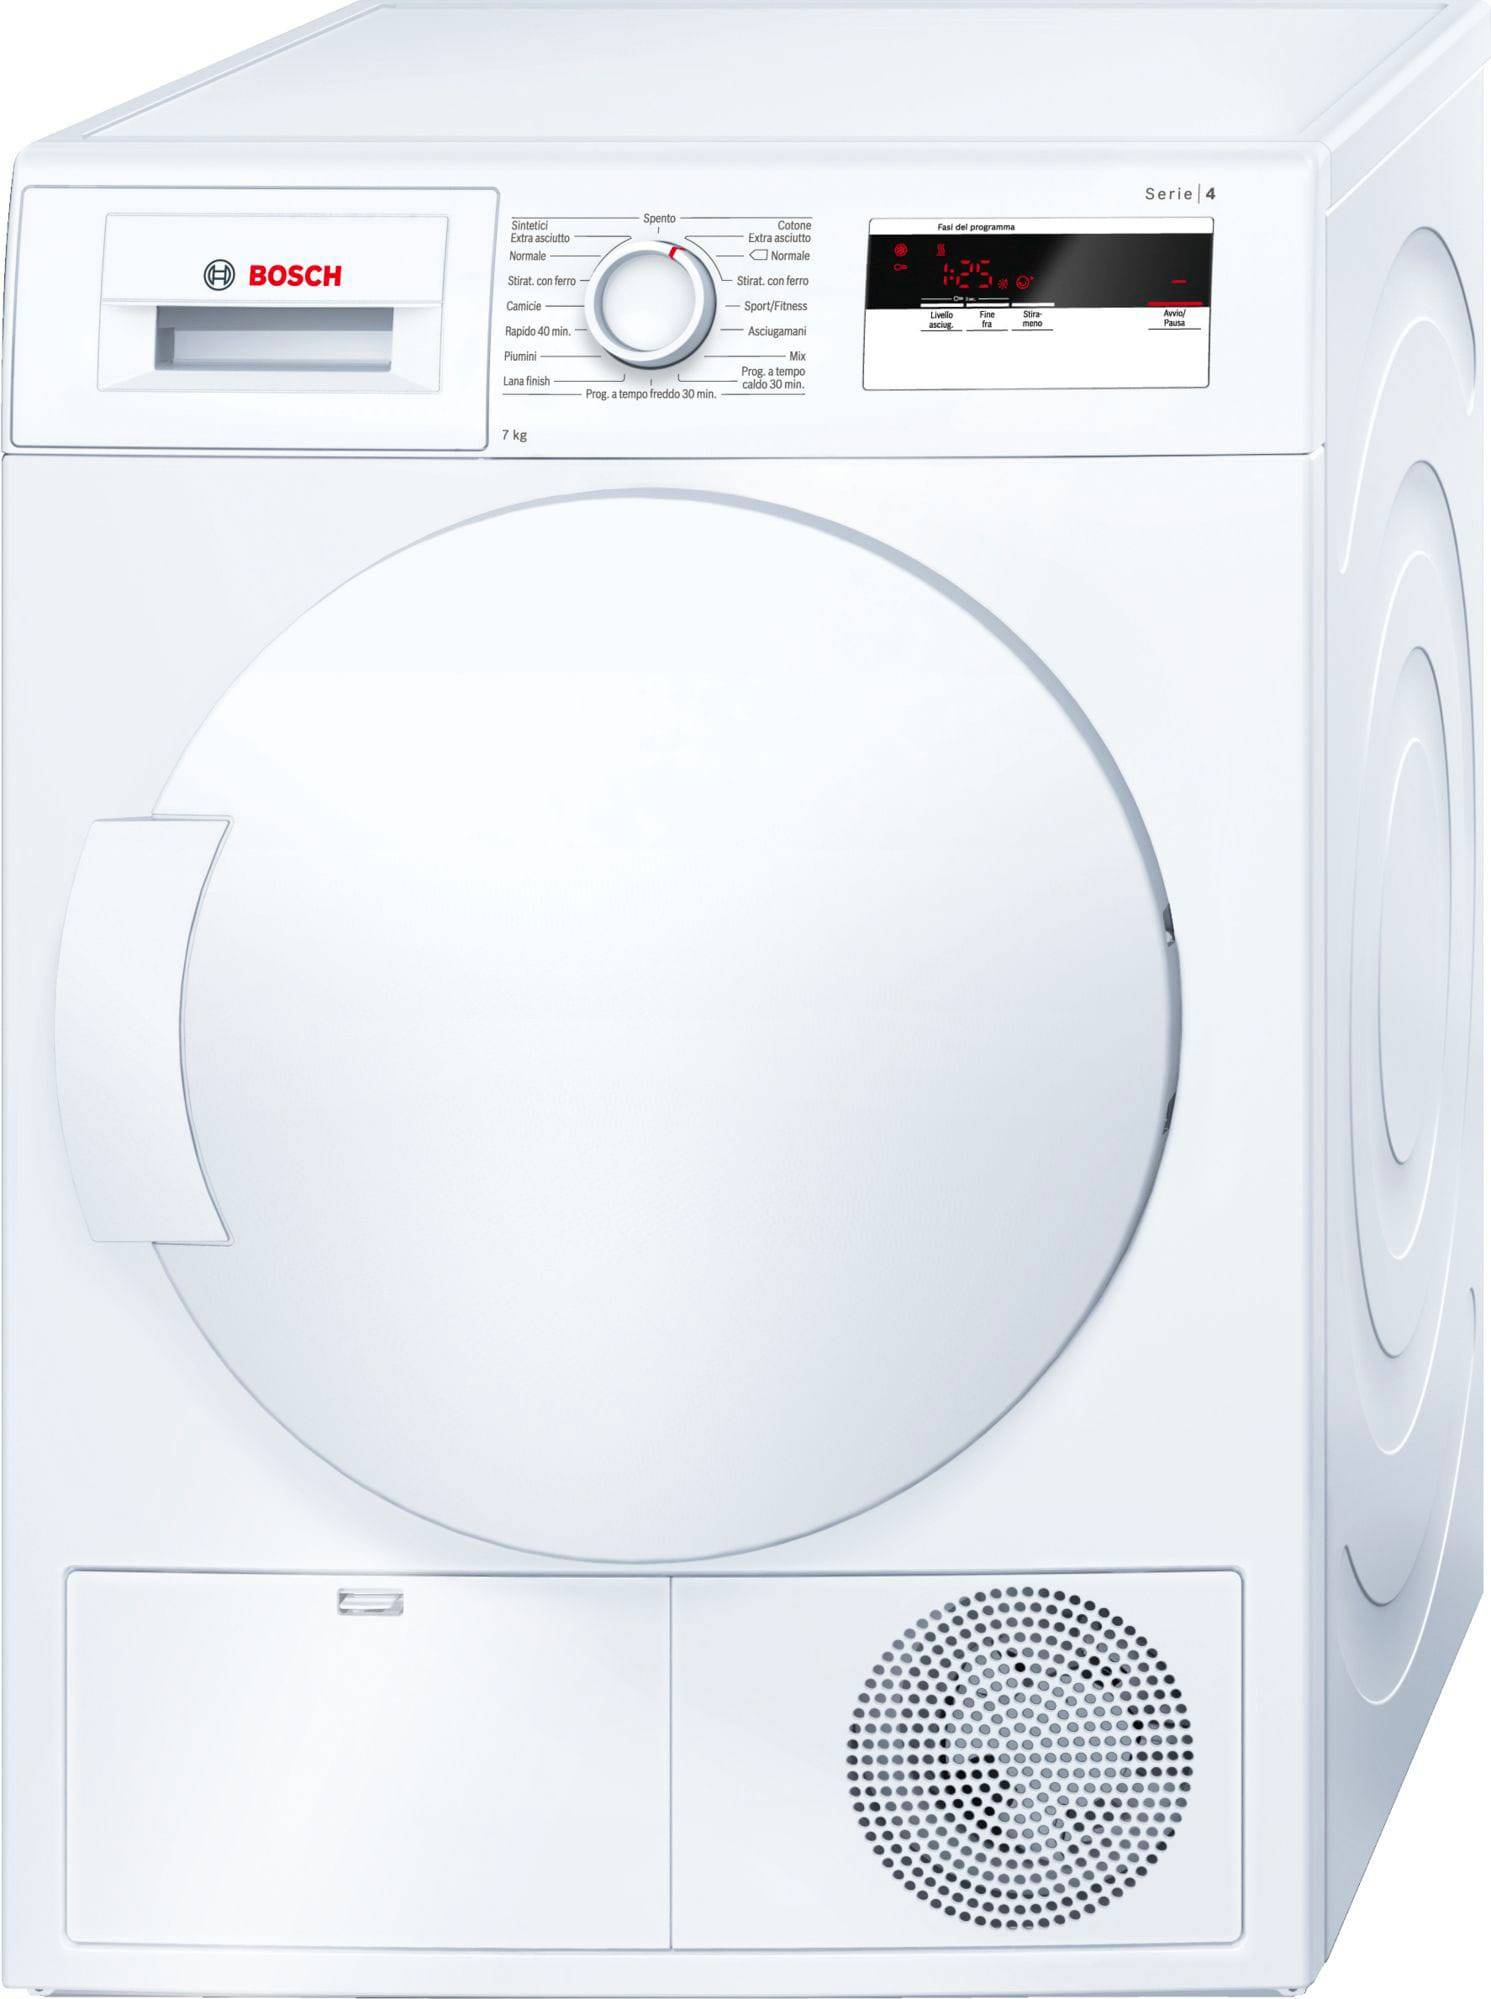 Bosch Wth83007it Asciugatrice Asciugabiancheria Capacità Di Carico 7 Kg Classe Energetica A+ Profondità 63 Cm A Condensazione Pompa Di Calore - Wth83007it Serie 4